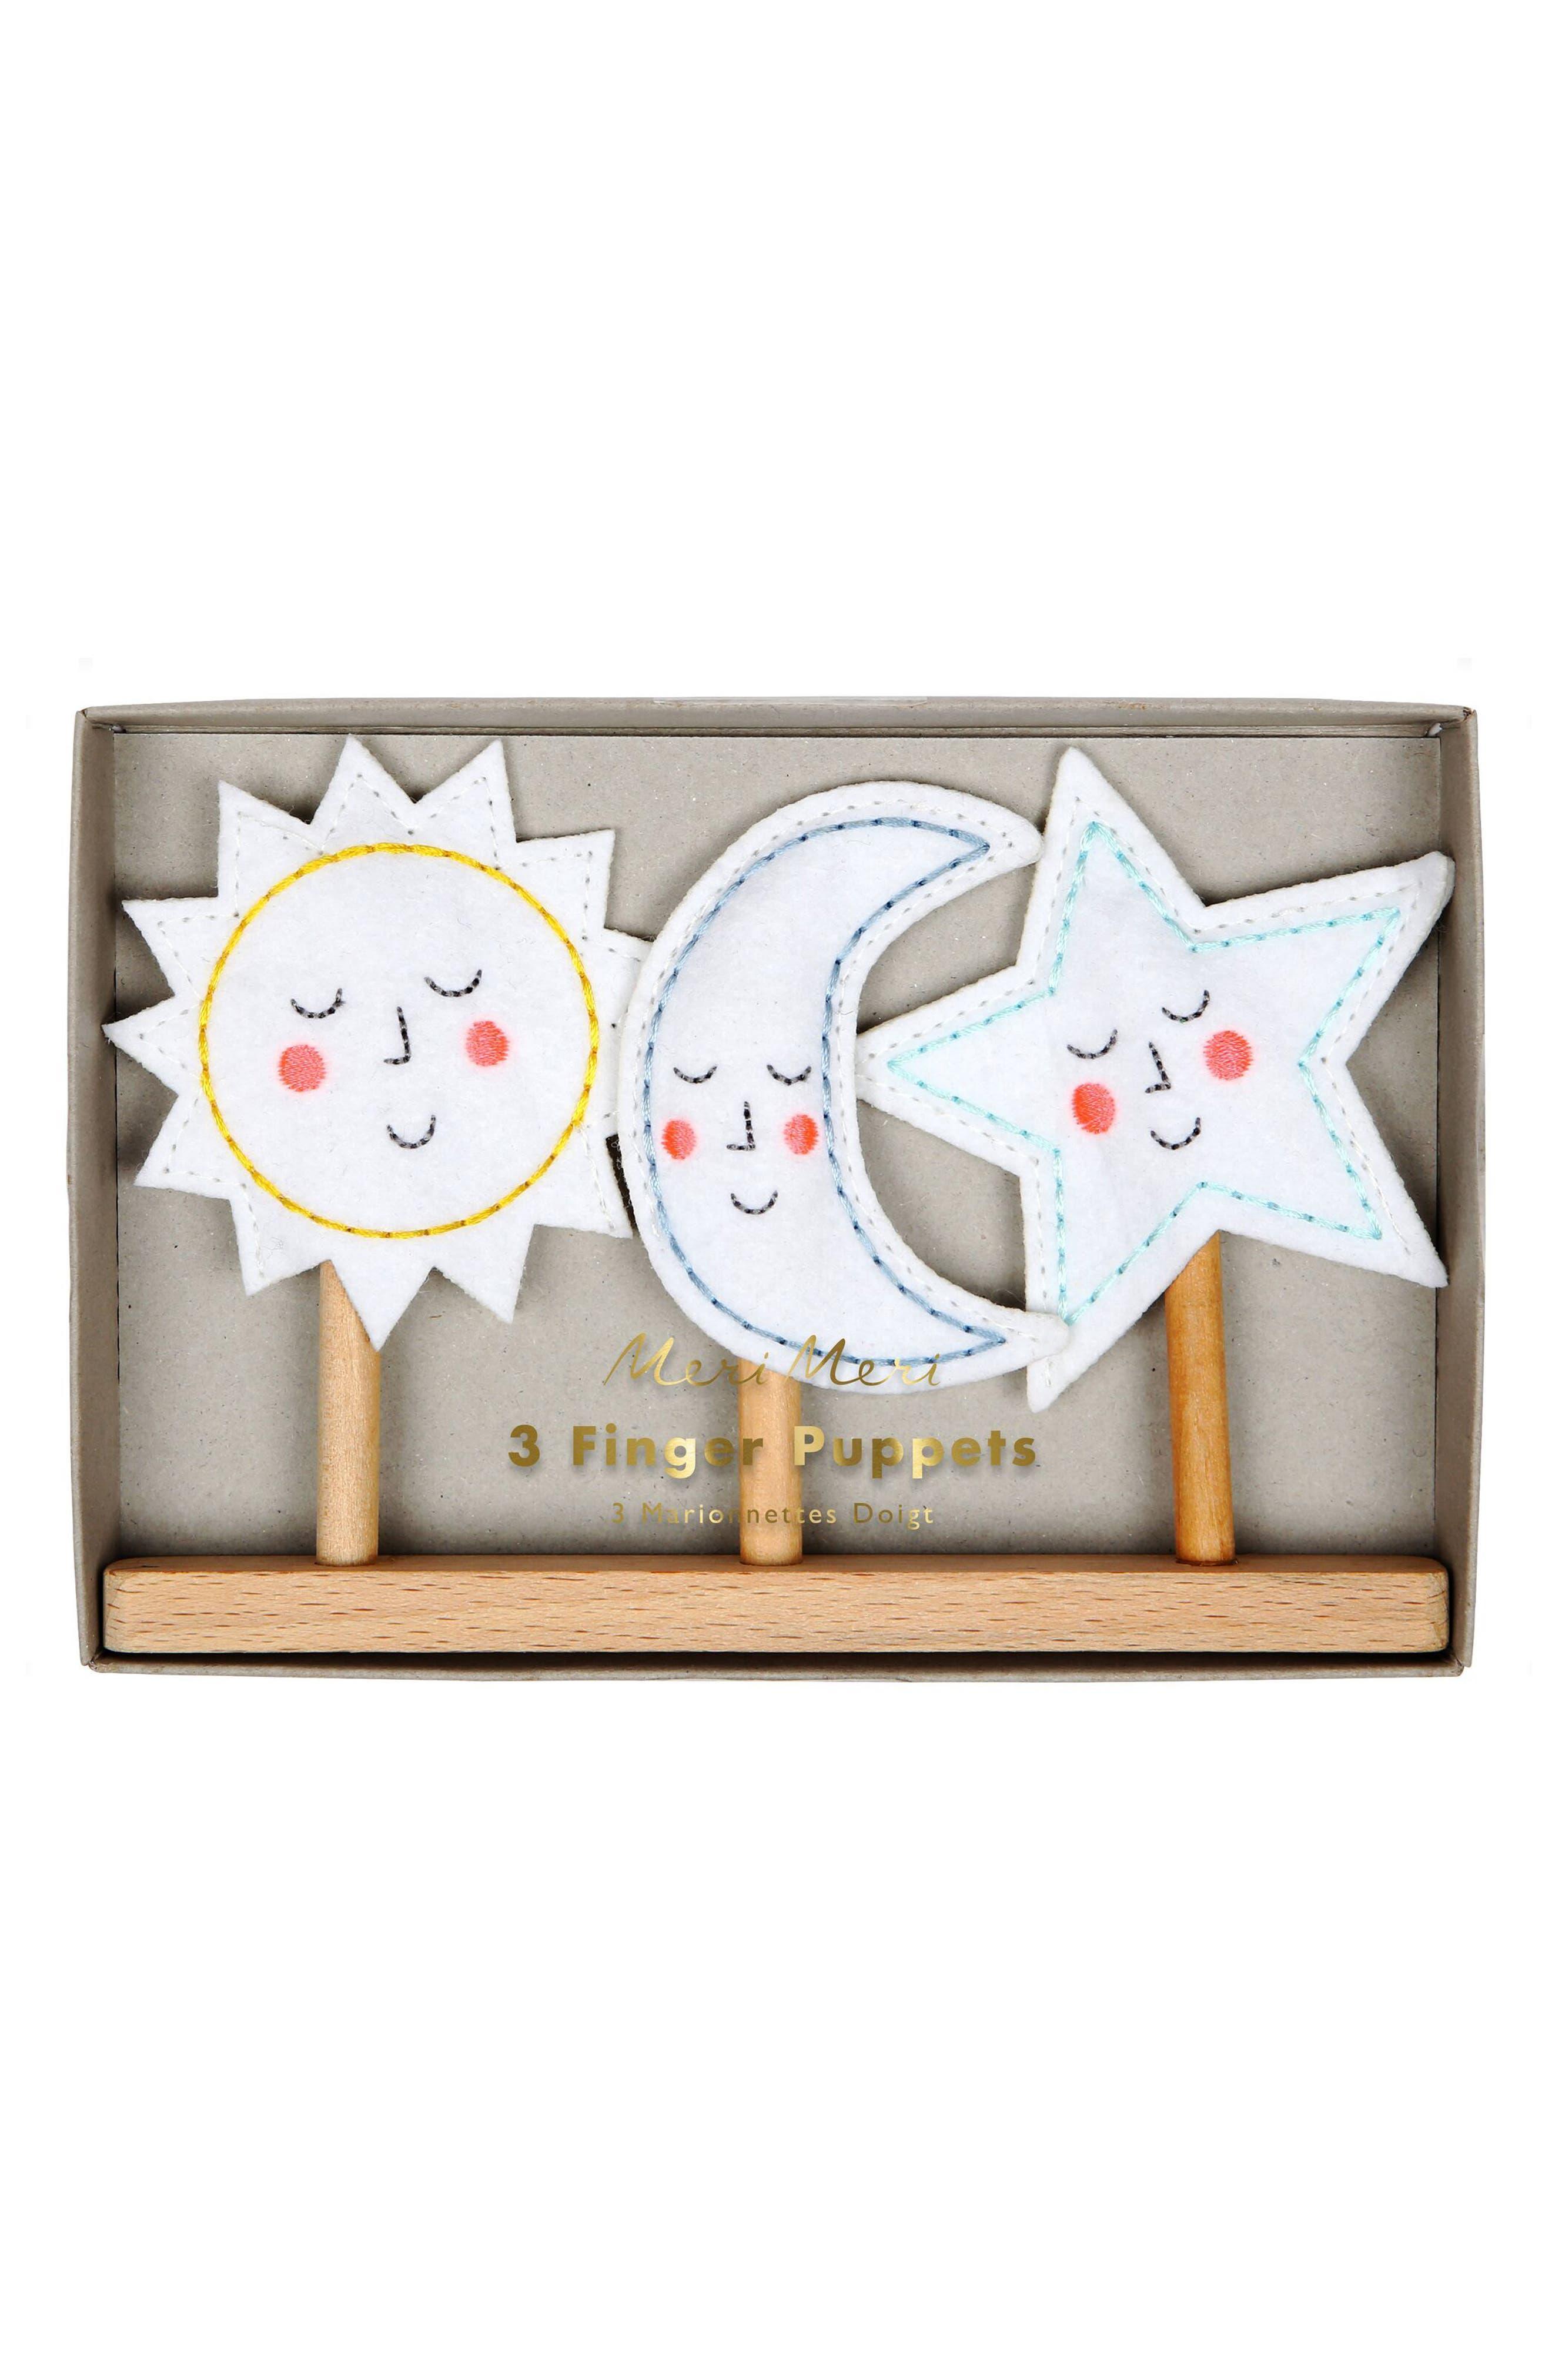 Main Image - Meri Meri Set of 3 Celestial Finger Puppets